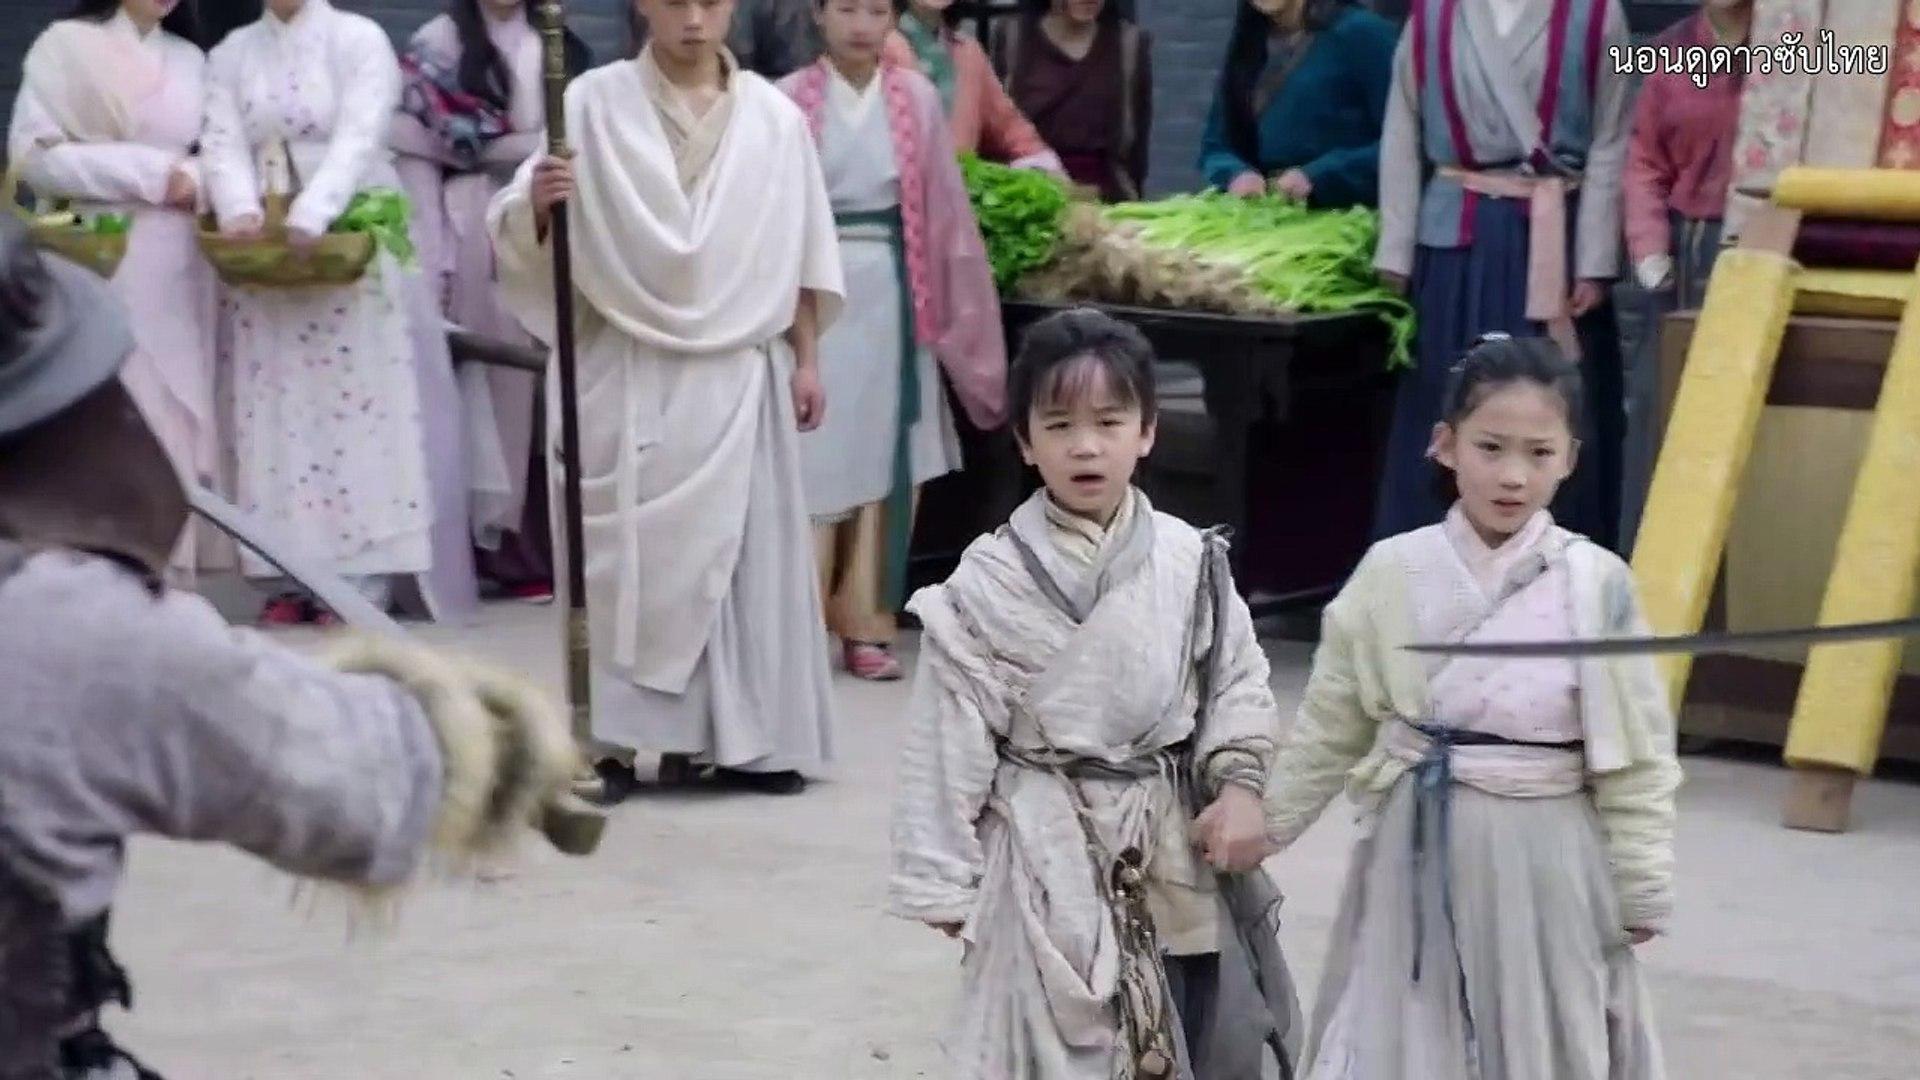 ดาบมังกรหยก 2019 (มังกรหยก ภาค 3) ซับไทย ตอนที่ 9